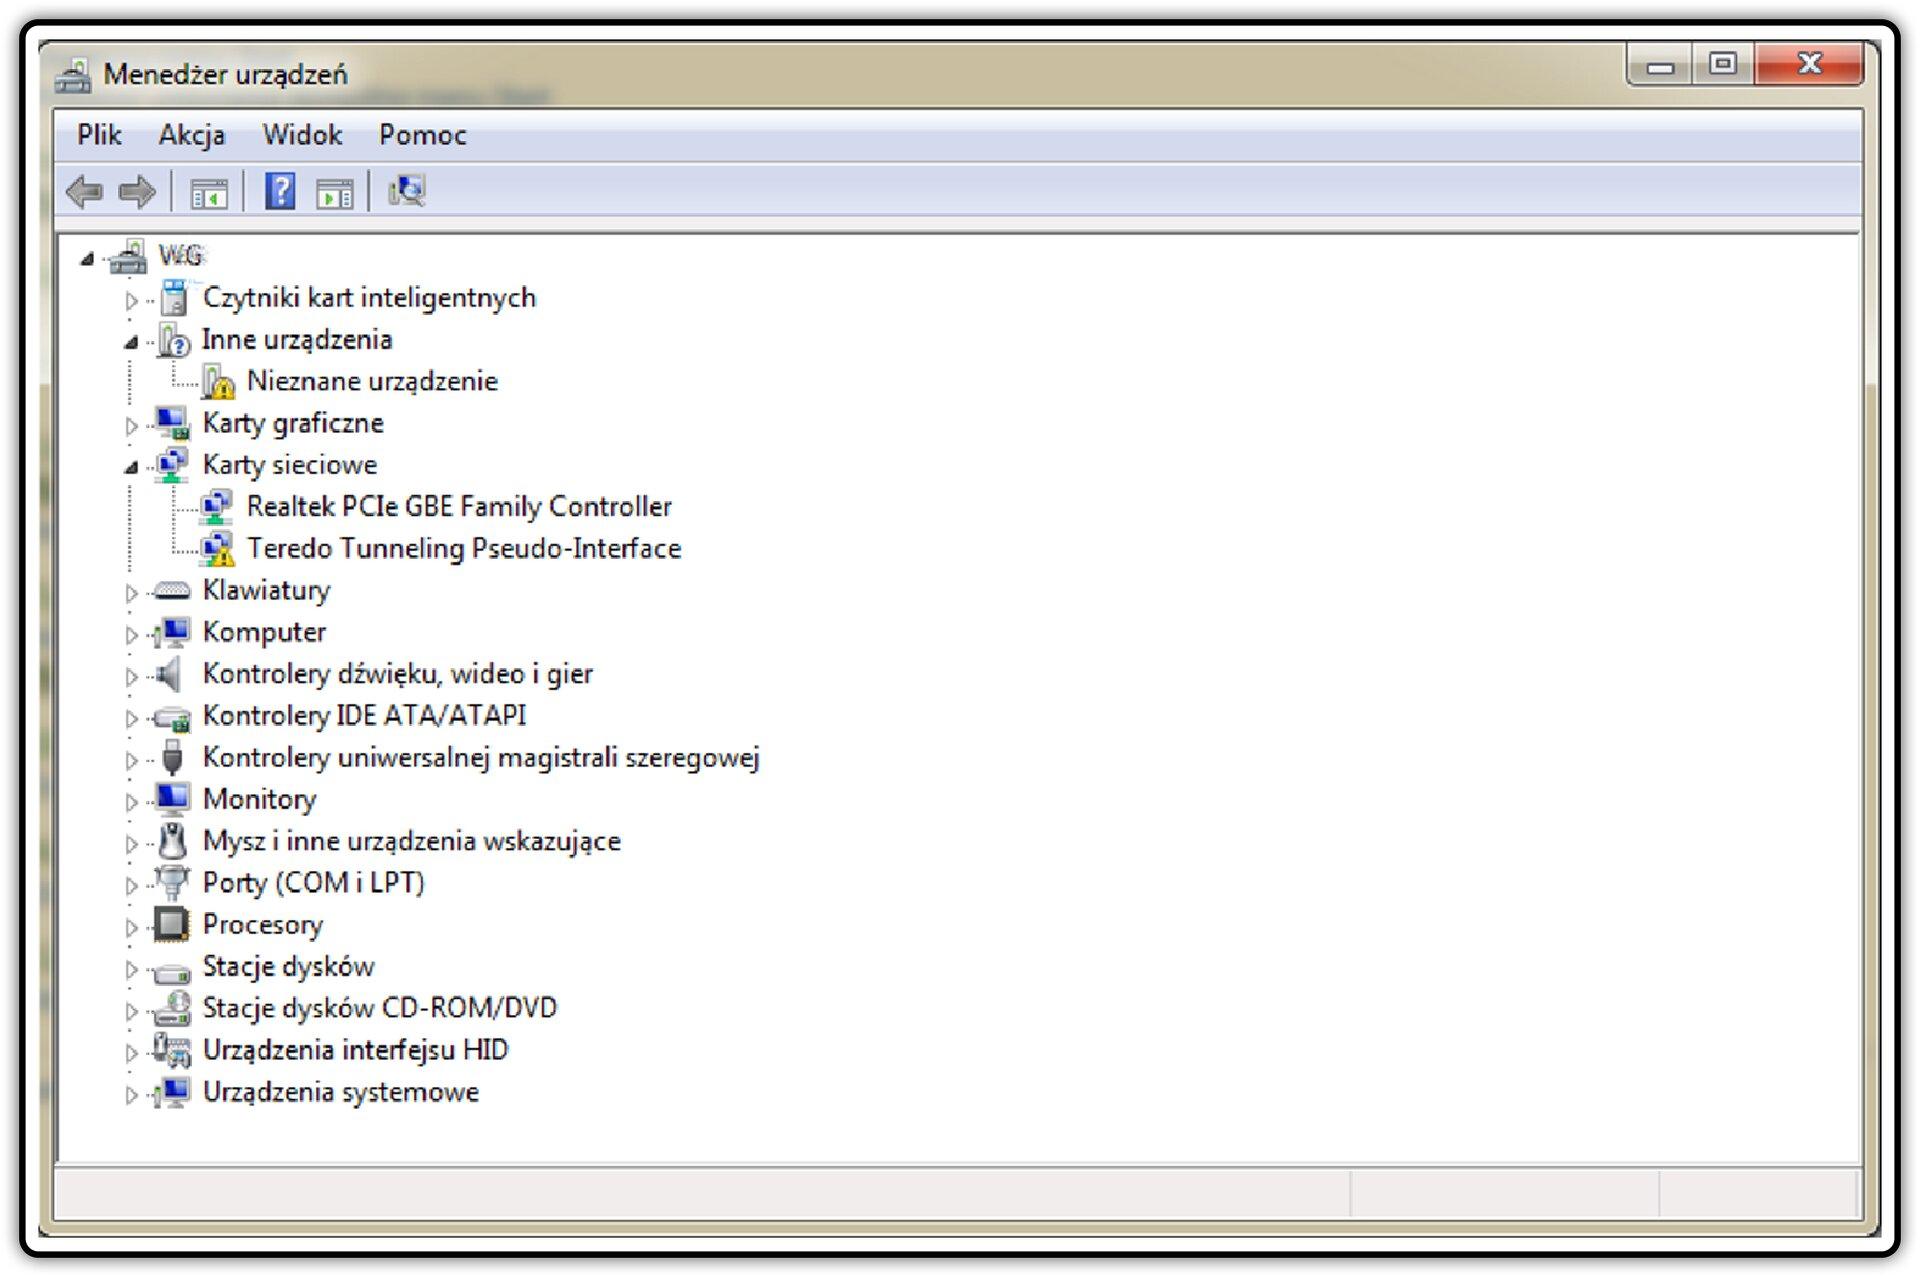 Zrzut okna: Menedżer urządzeń wsystemie operacyjnym Windows